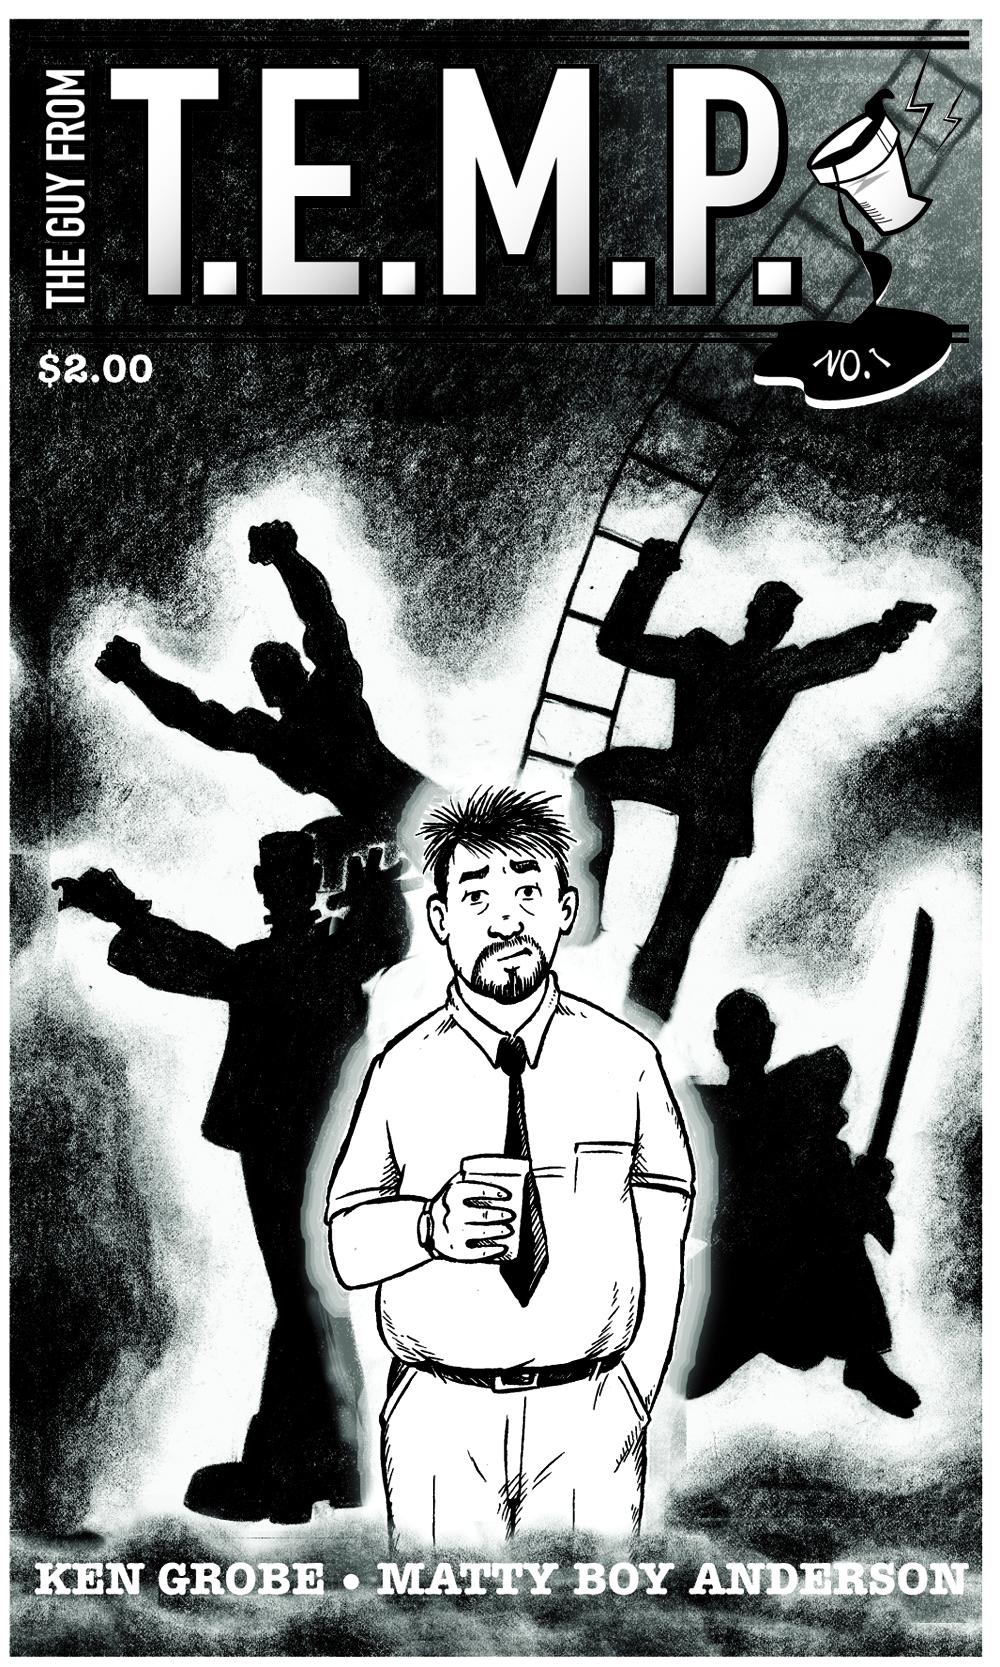 T.E.M.P. Front cover